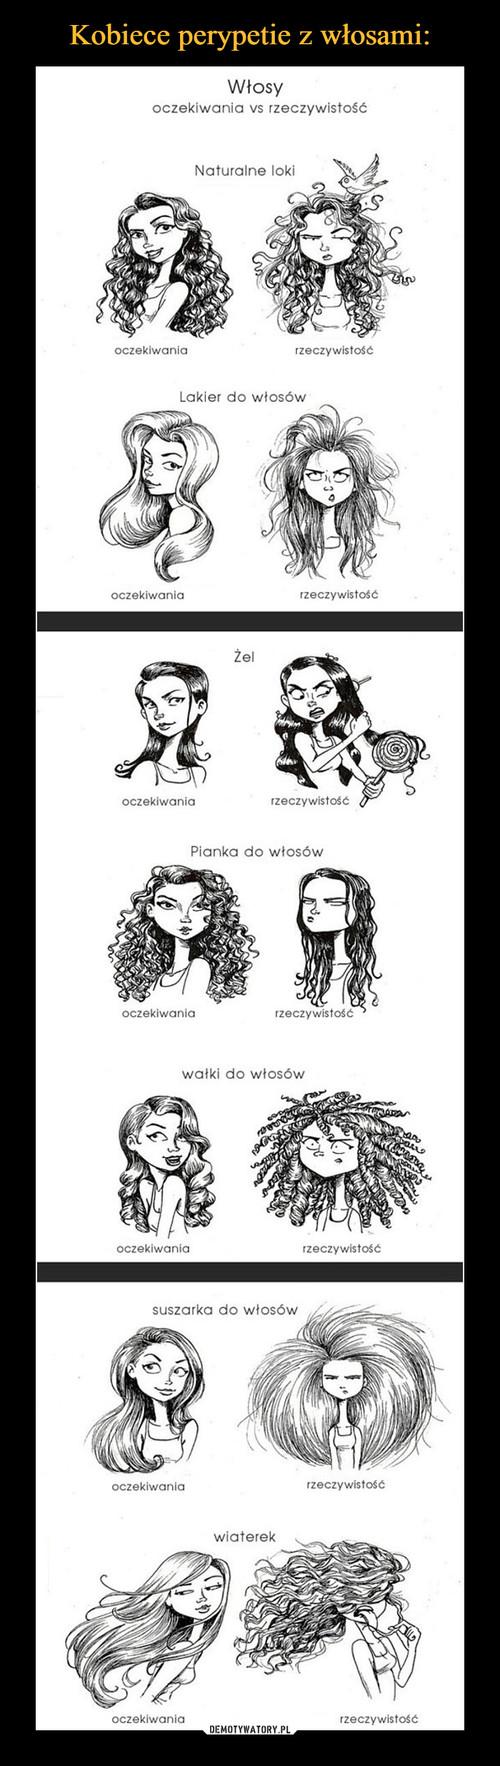 Kobiece perypetie z włosami: